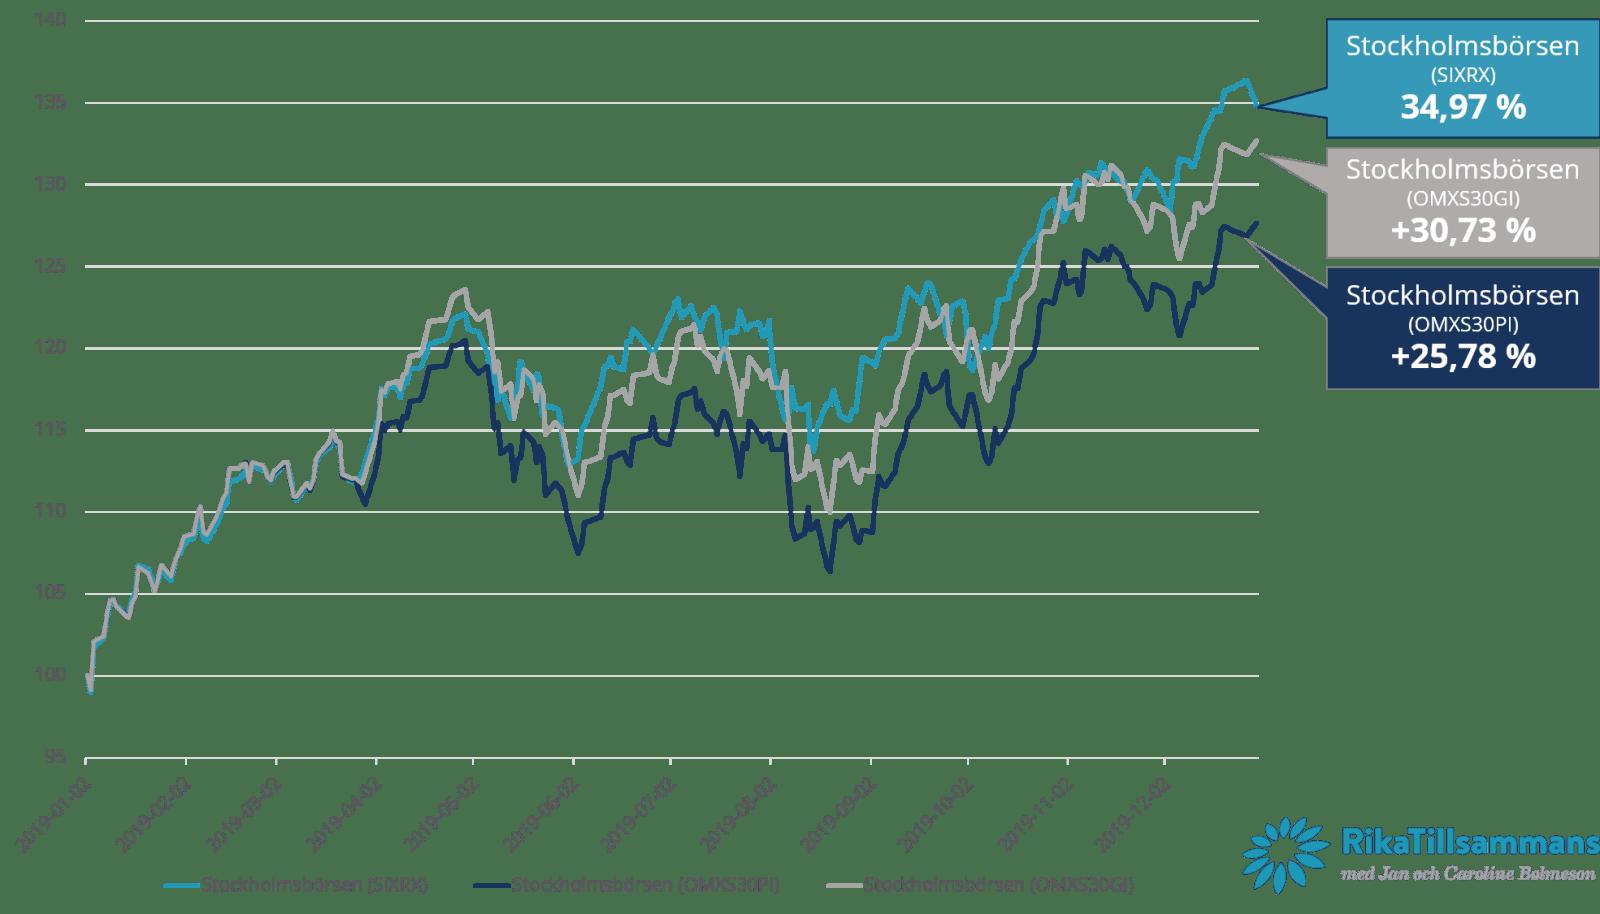 Hur gick Stockholmsbörsen 2019? Inte en helt lätt fråga att svara på...